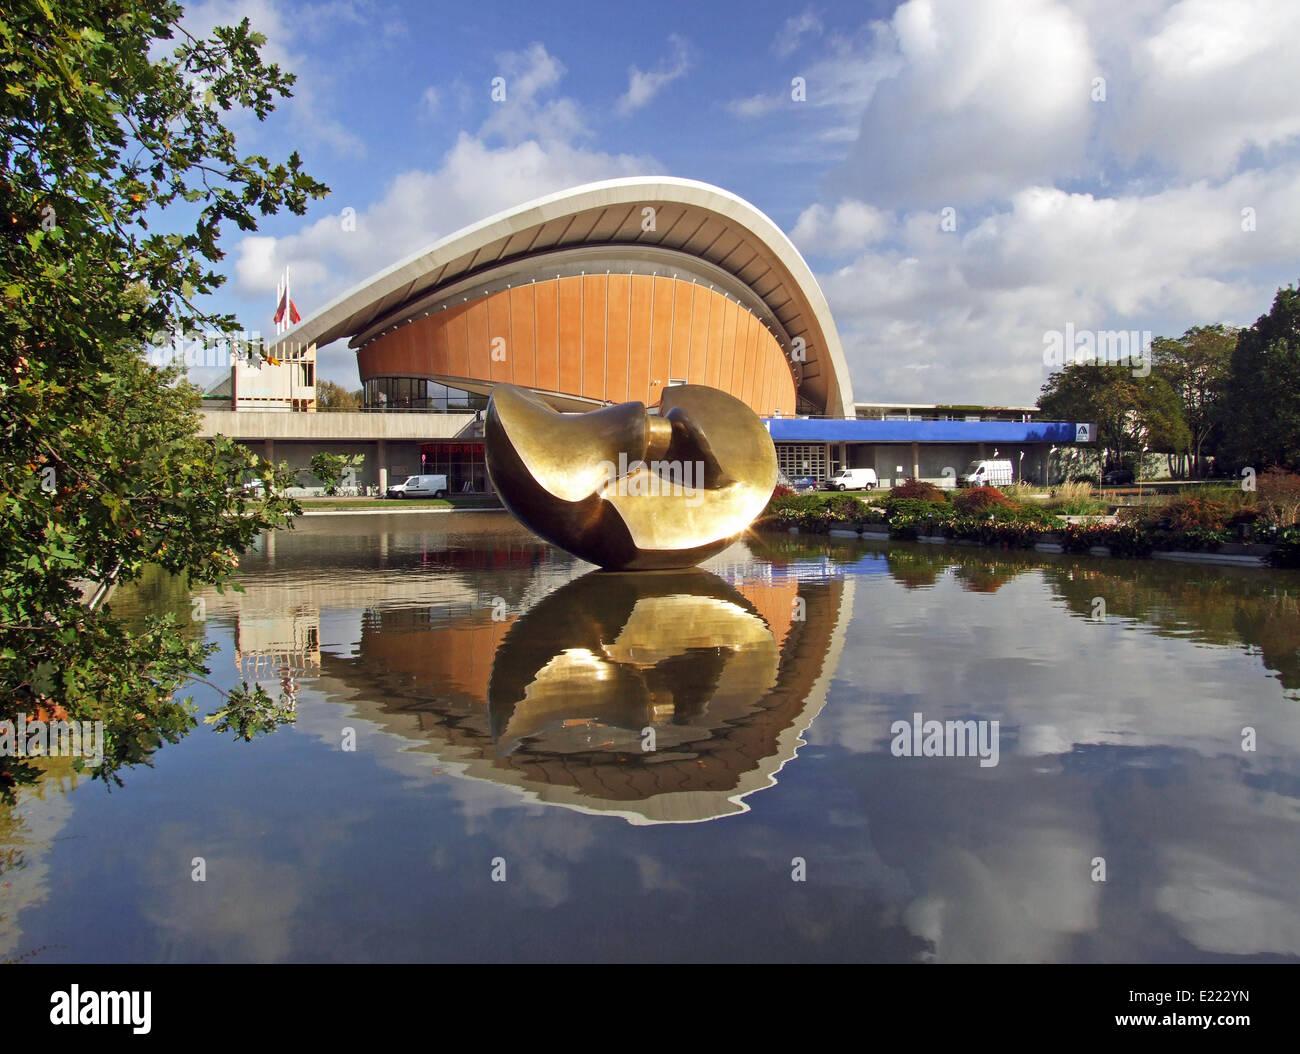 Haus der Kulturen der Welt Germany Berlin - Stock Image